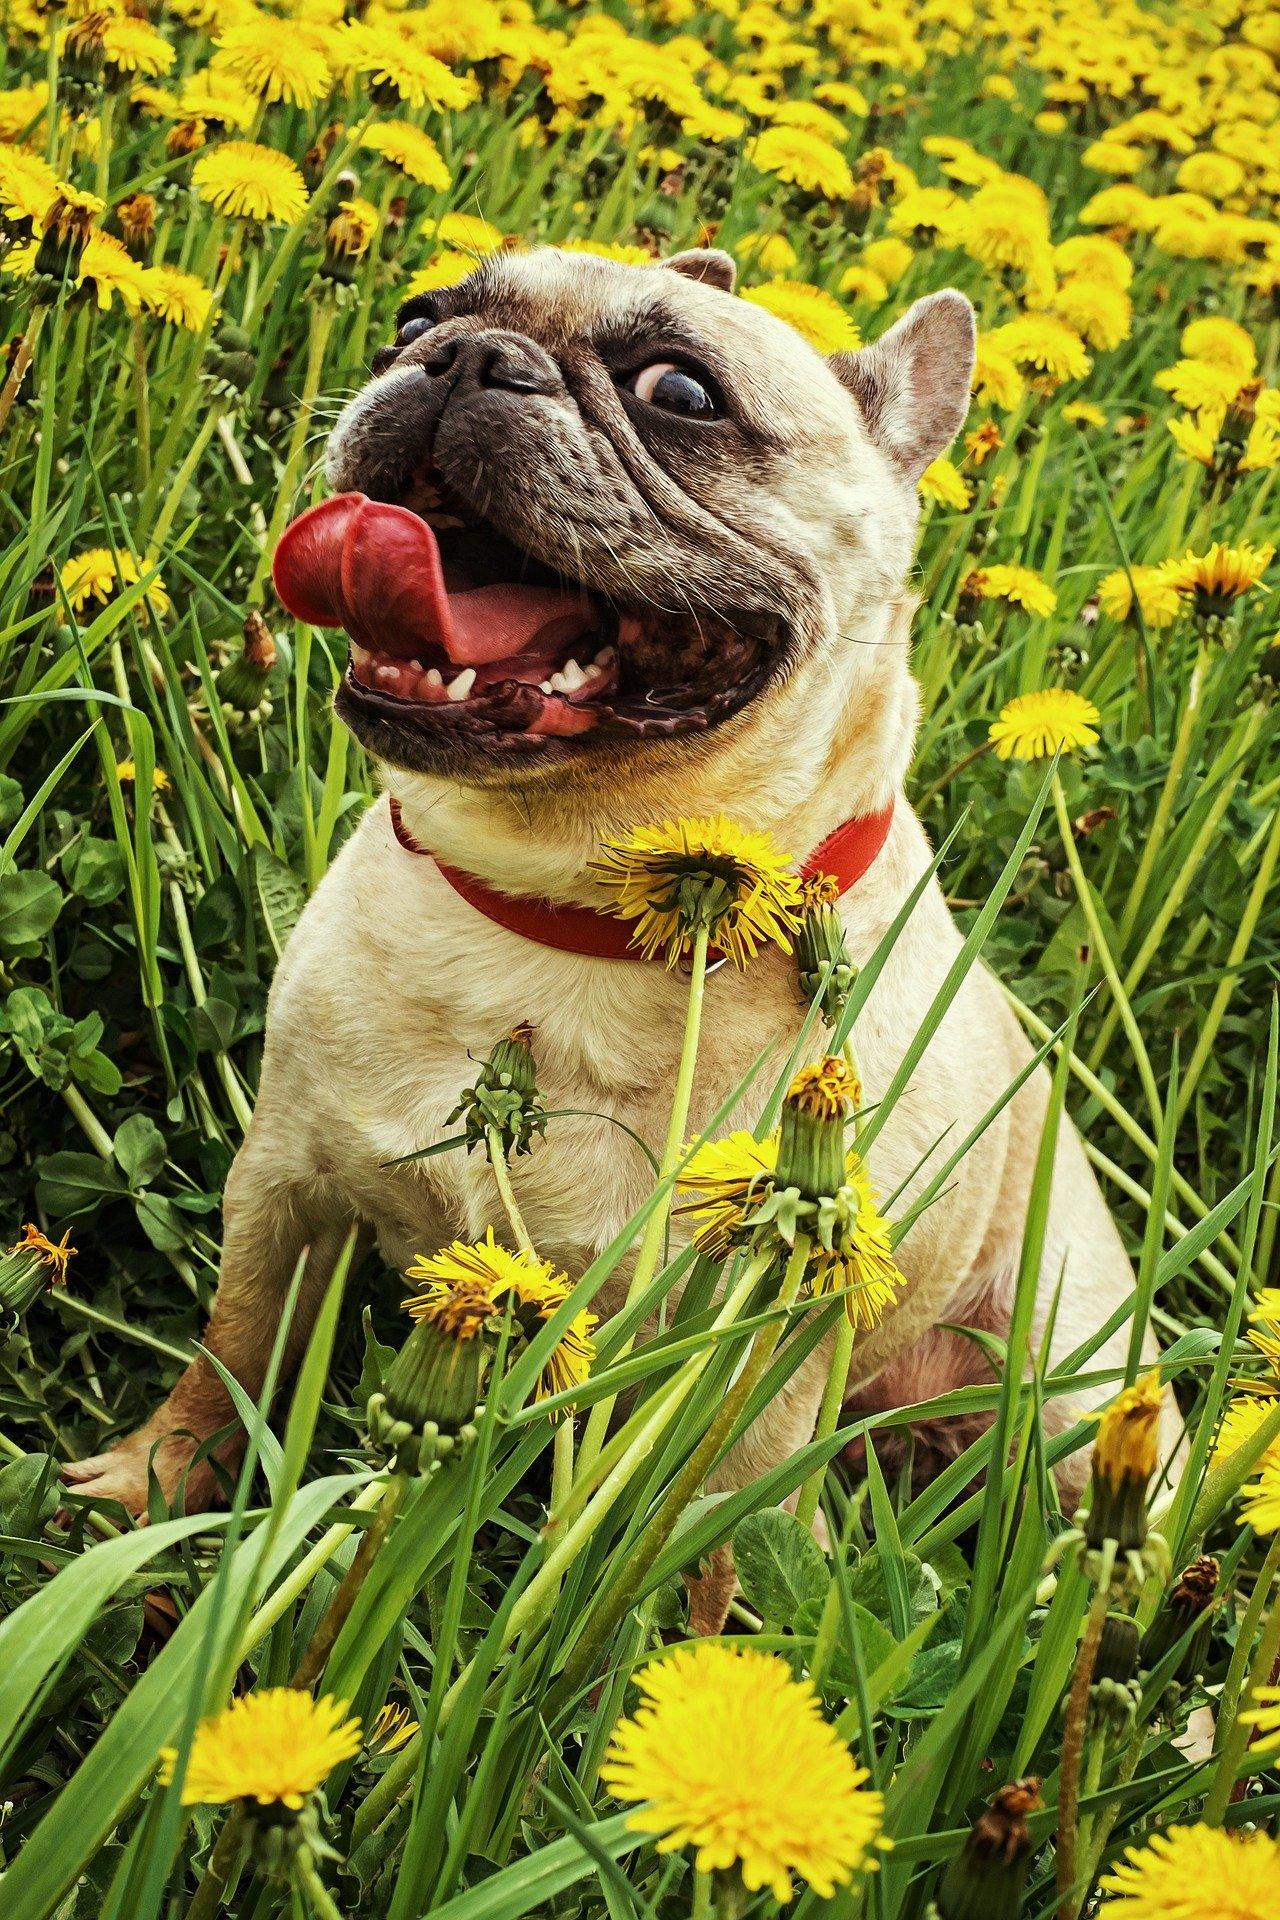 Migliori crocchette per cani consigli utili per l'acquisto